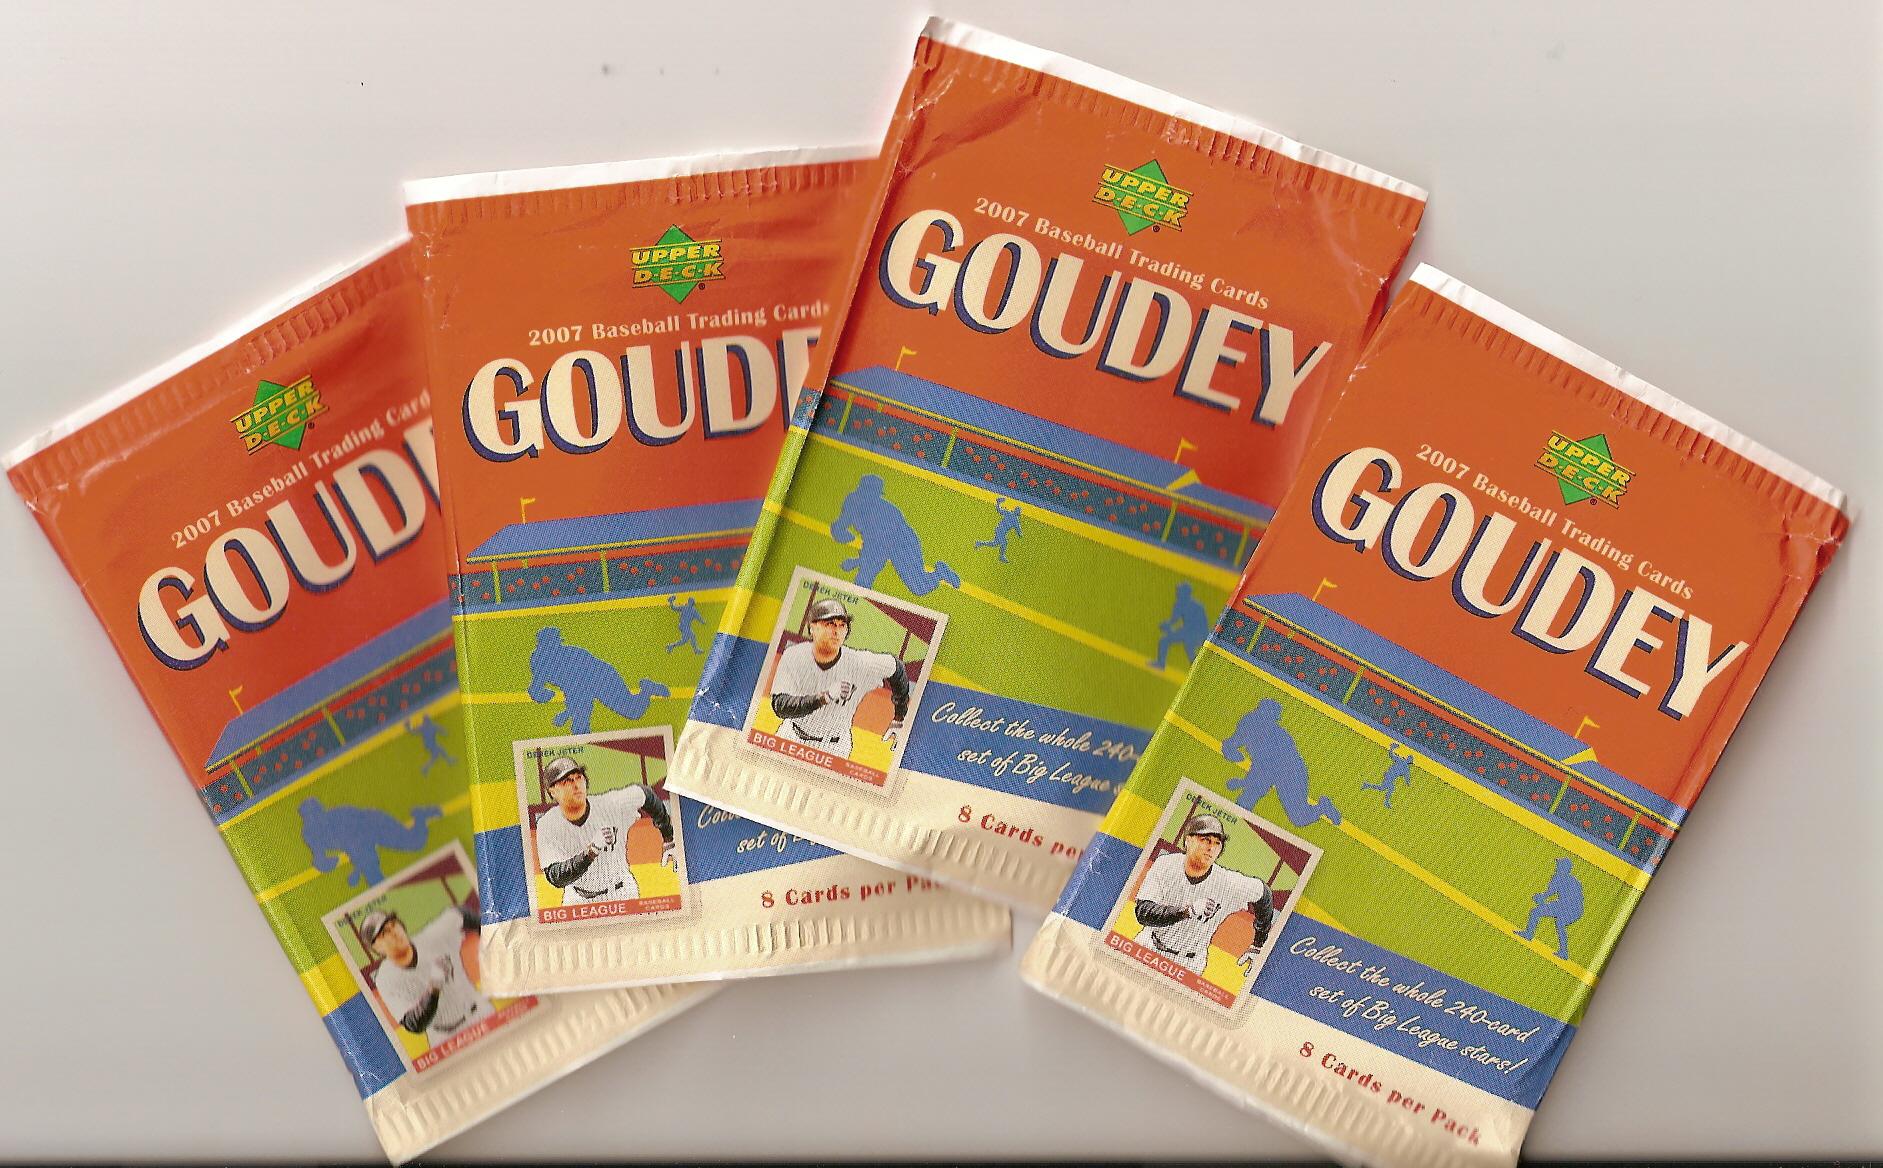 2007GoudeyPacks